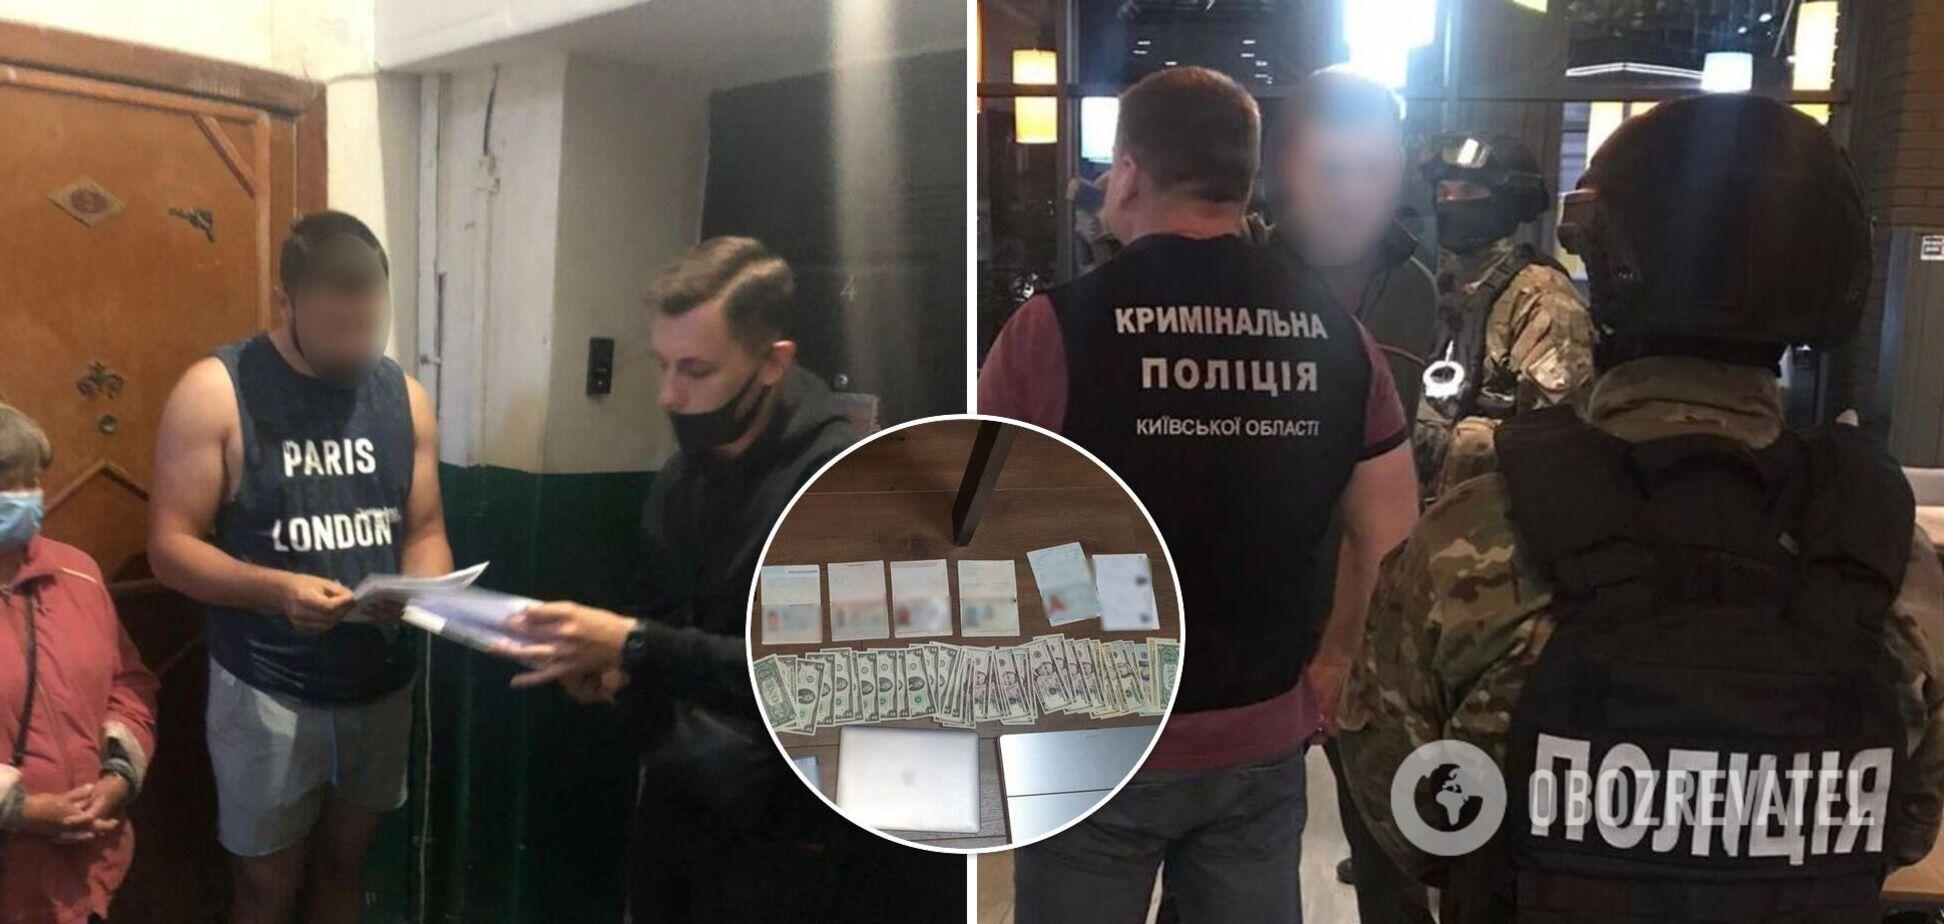 Зловмисники продавали візи через офіційні сайти